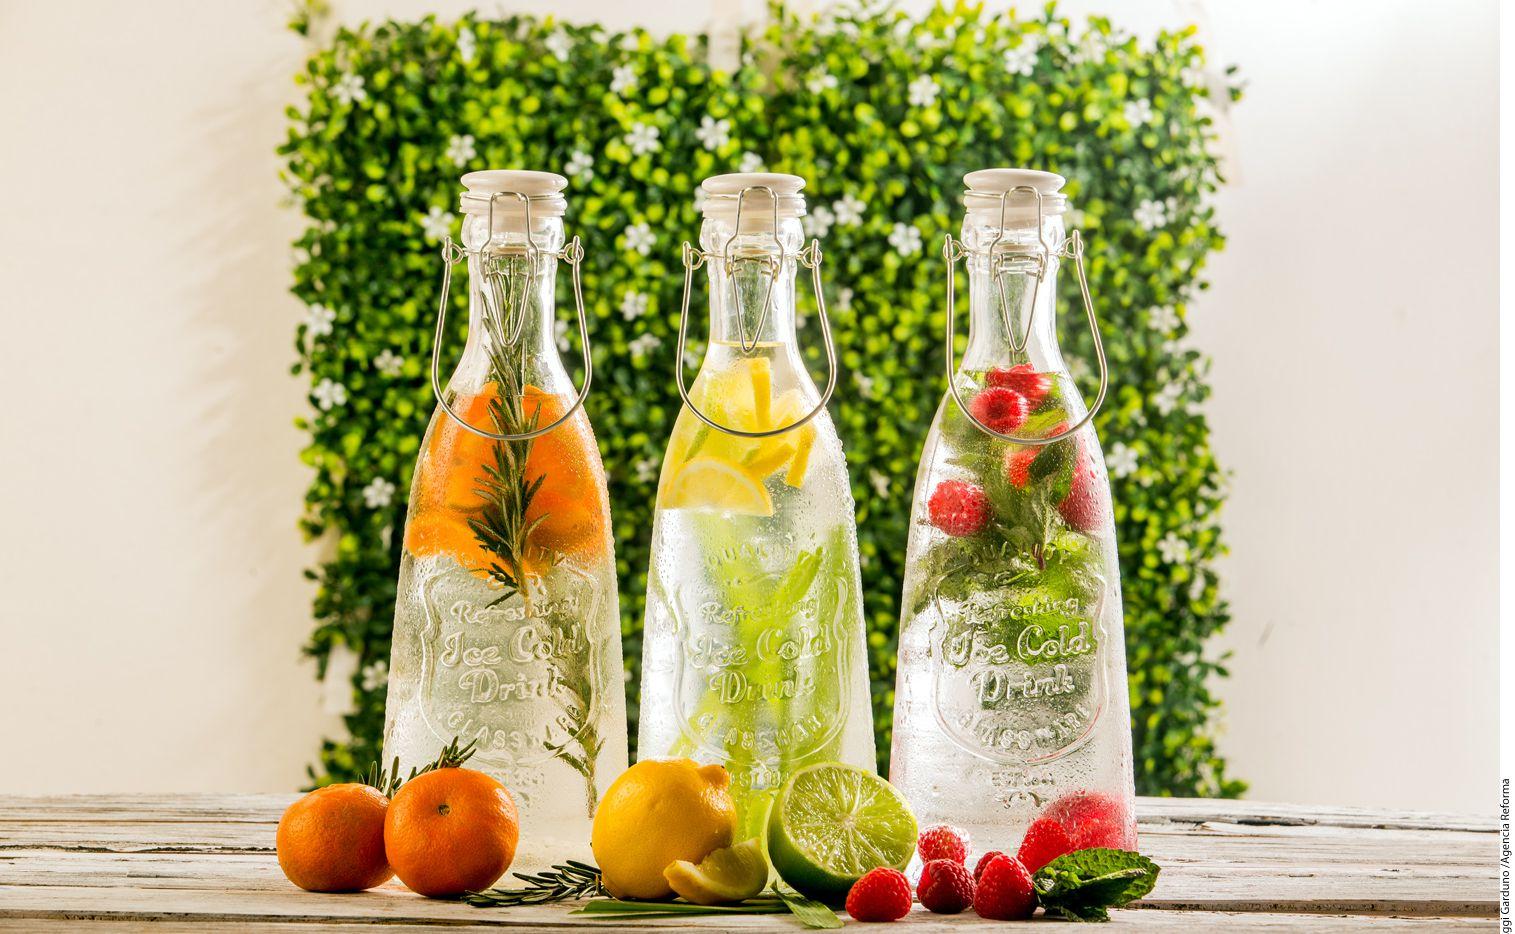 Si te cuesta cumplir con la cuota diaria de agua, infusiona frutas y hierbas en frío. Así, mantenerte hidratado ya no será una penitencia./ AGENCIA REFORMA